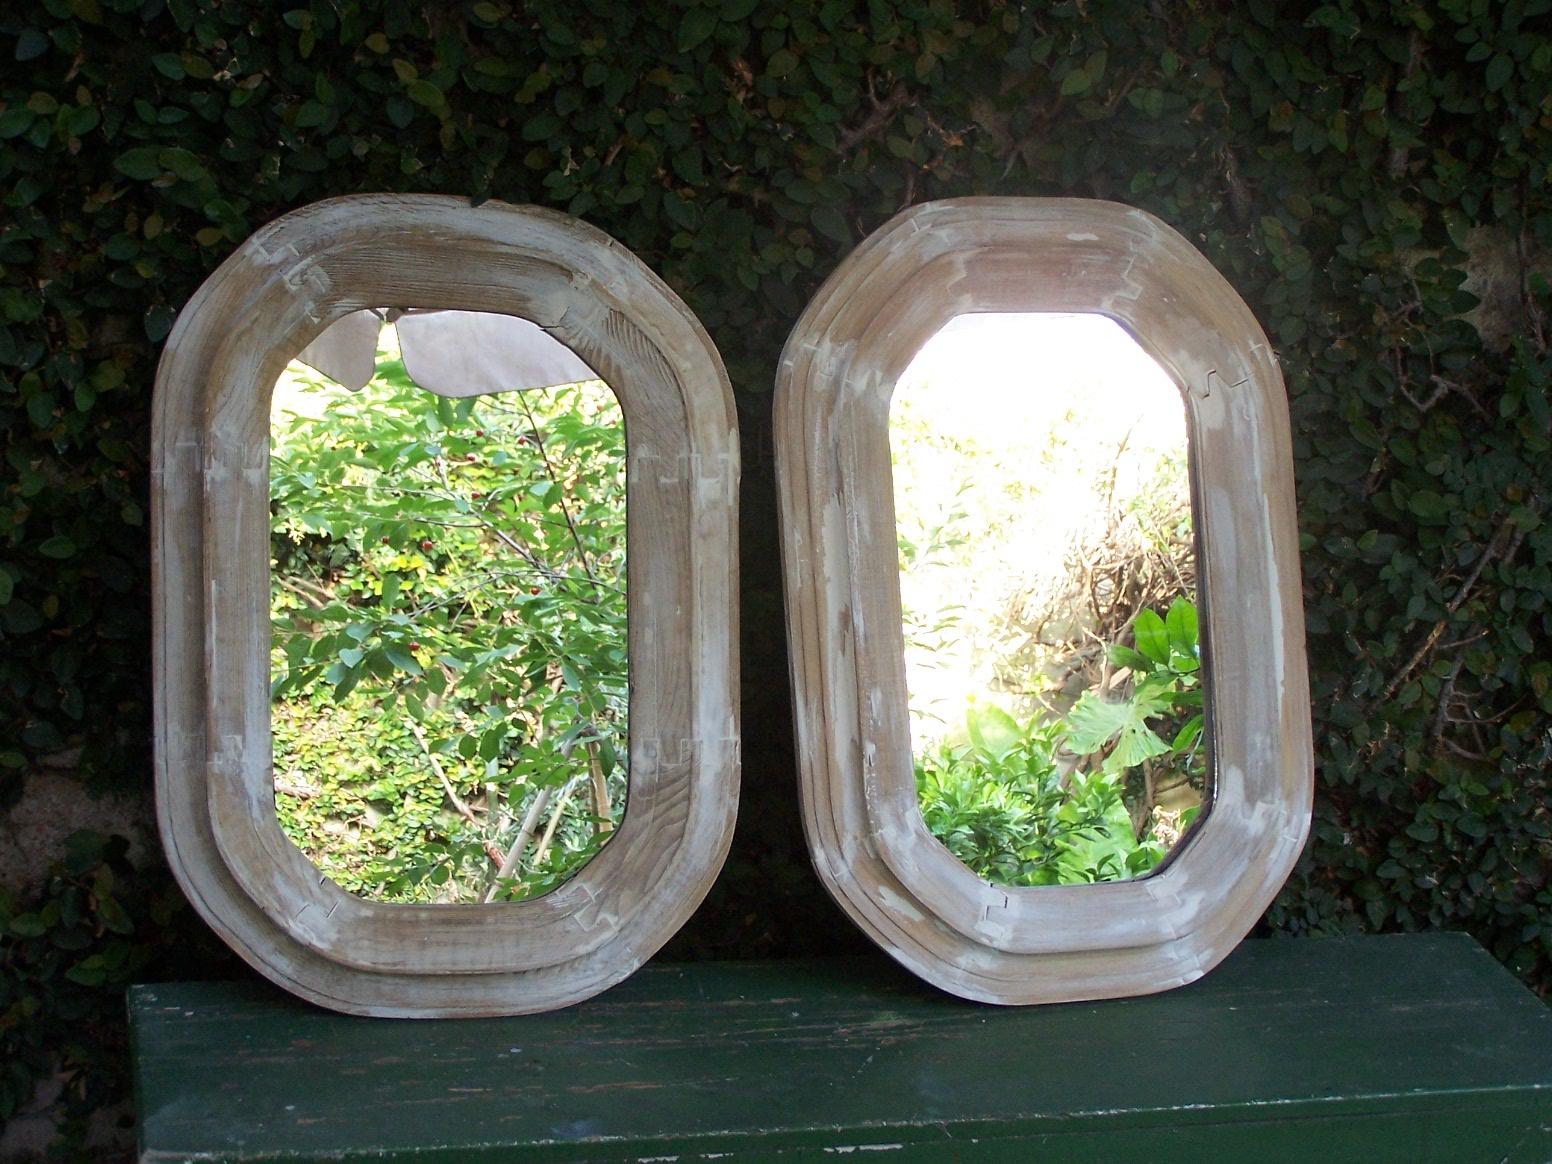 Chiribitil: Espejos en marcos octogonaesl patinados